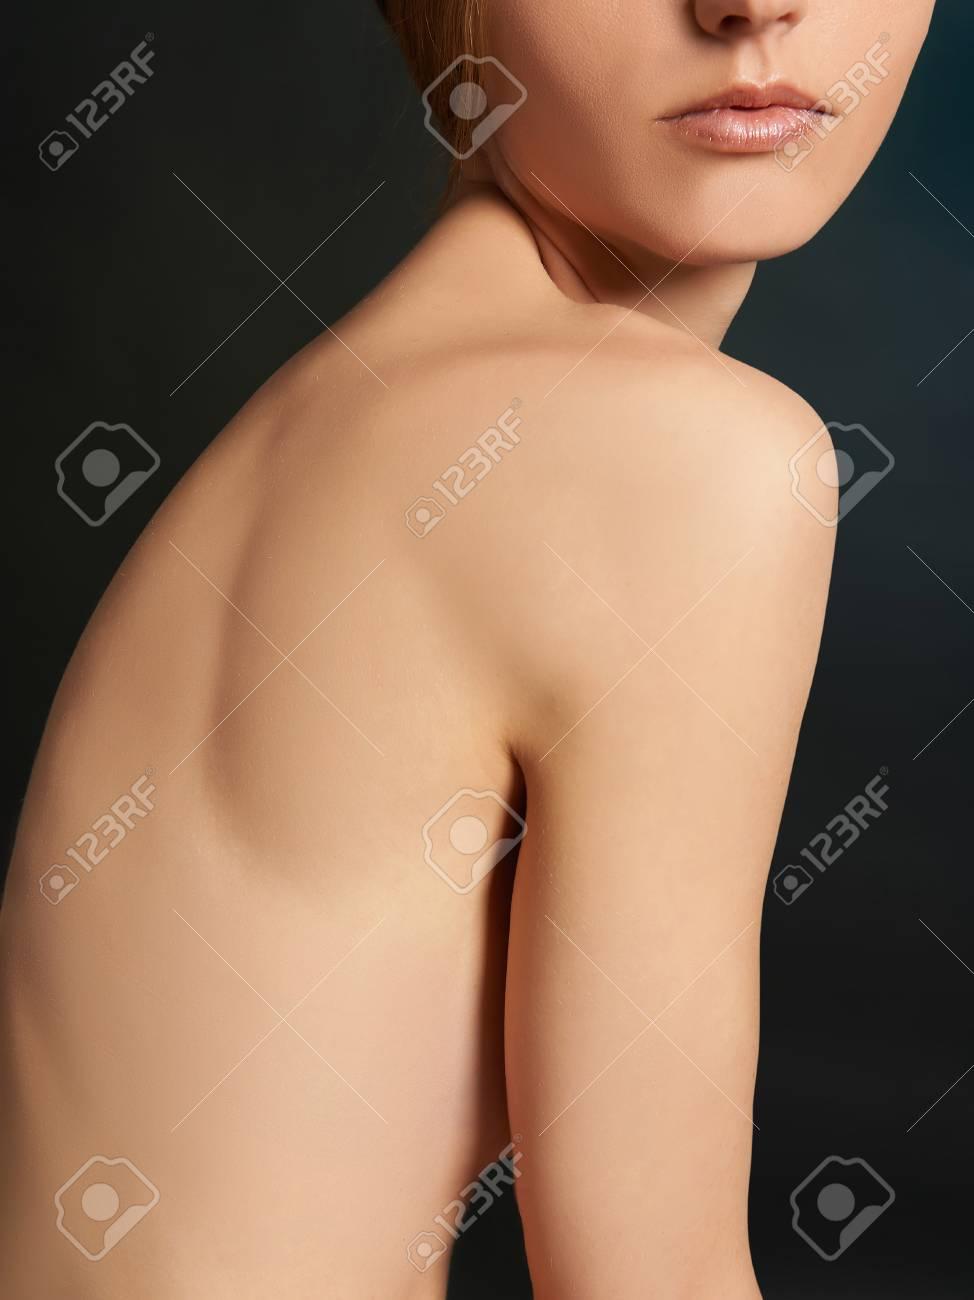 Mädchen brust nackt